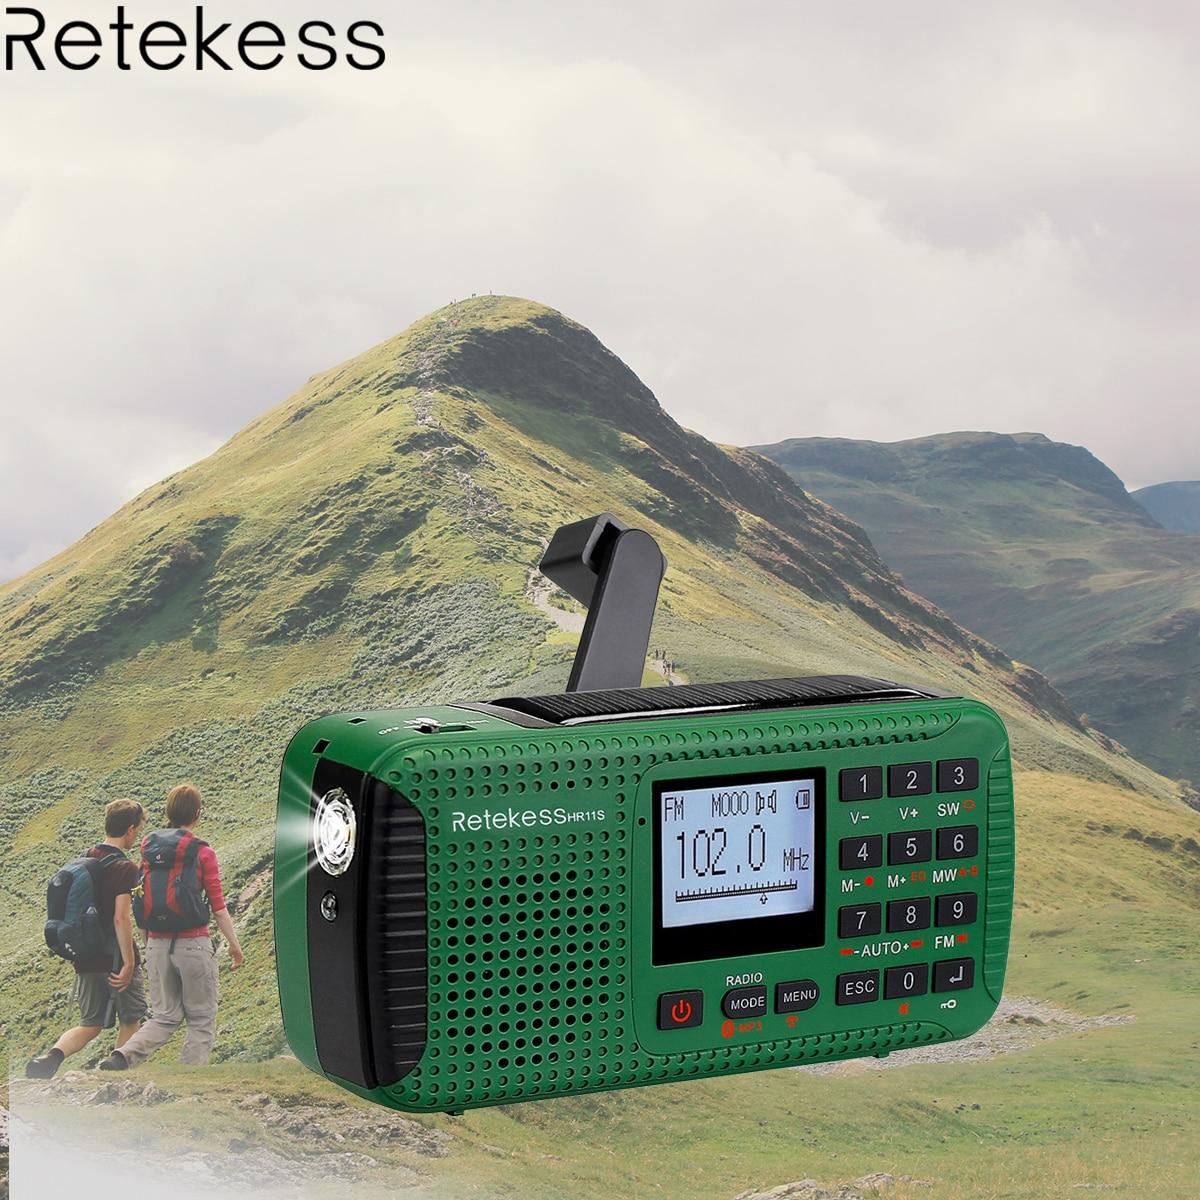 Retekess HR11S Radio d'urgence à manivelle Radio solaire FM/MW/SW Bluetooth lecteur MP3 enregistreur numérique Portable